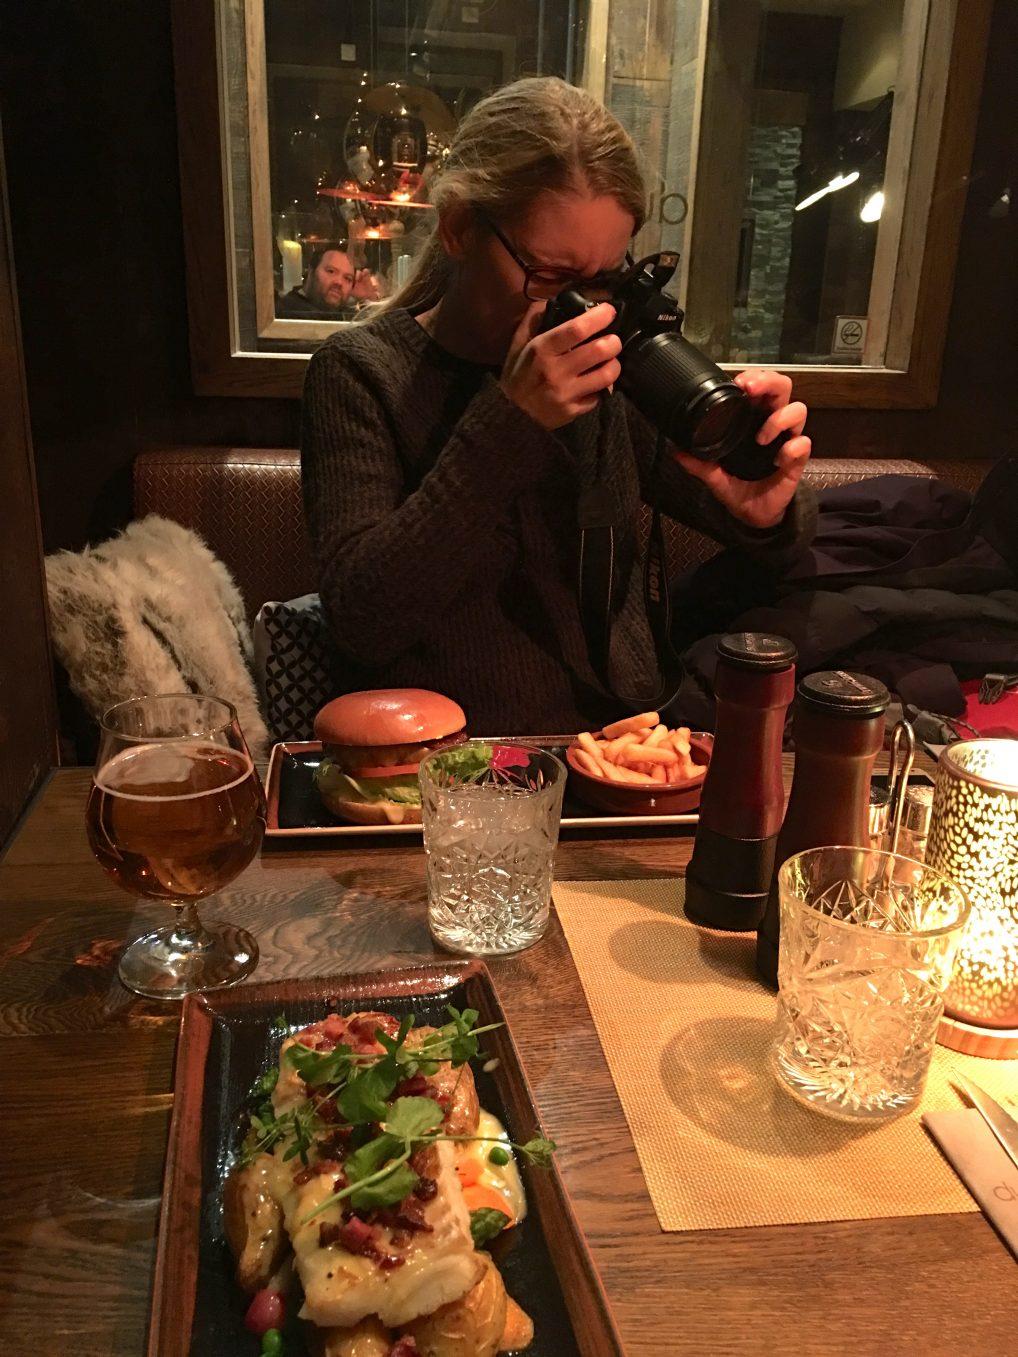 Winnie Sørensen dokumentere hvalen. Ikke nødvendigvis politisk korrekt å spise, men dette er lokal mat.